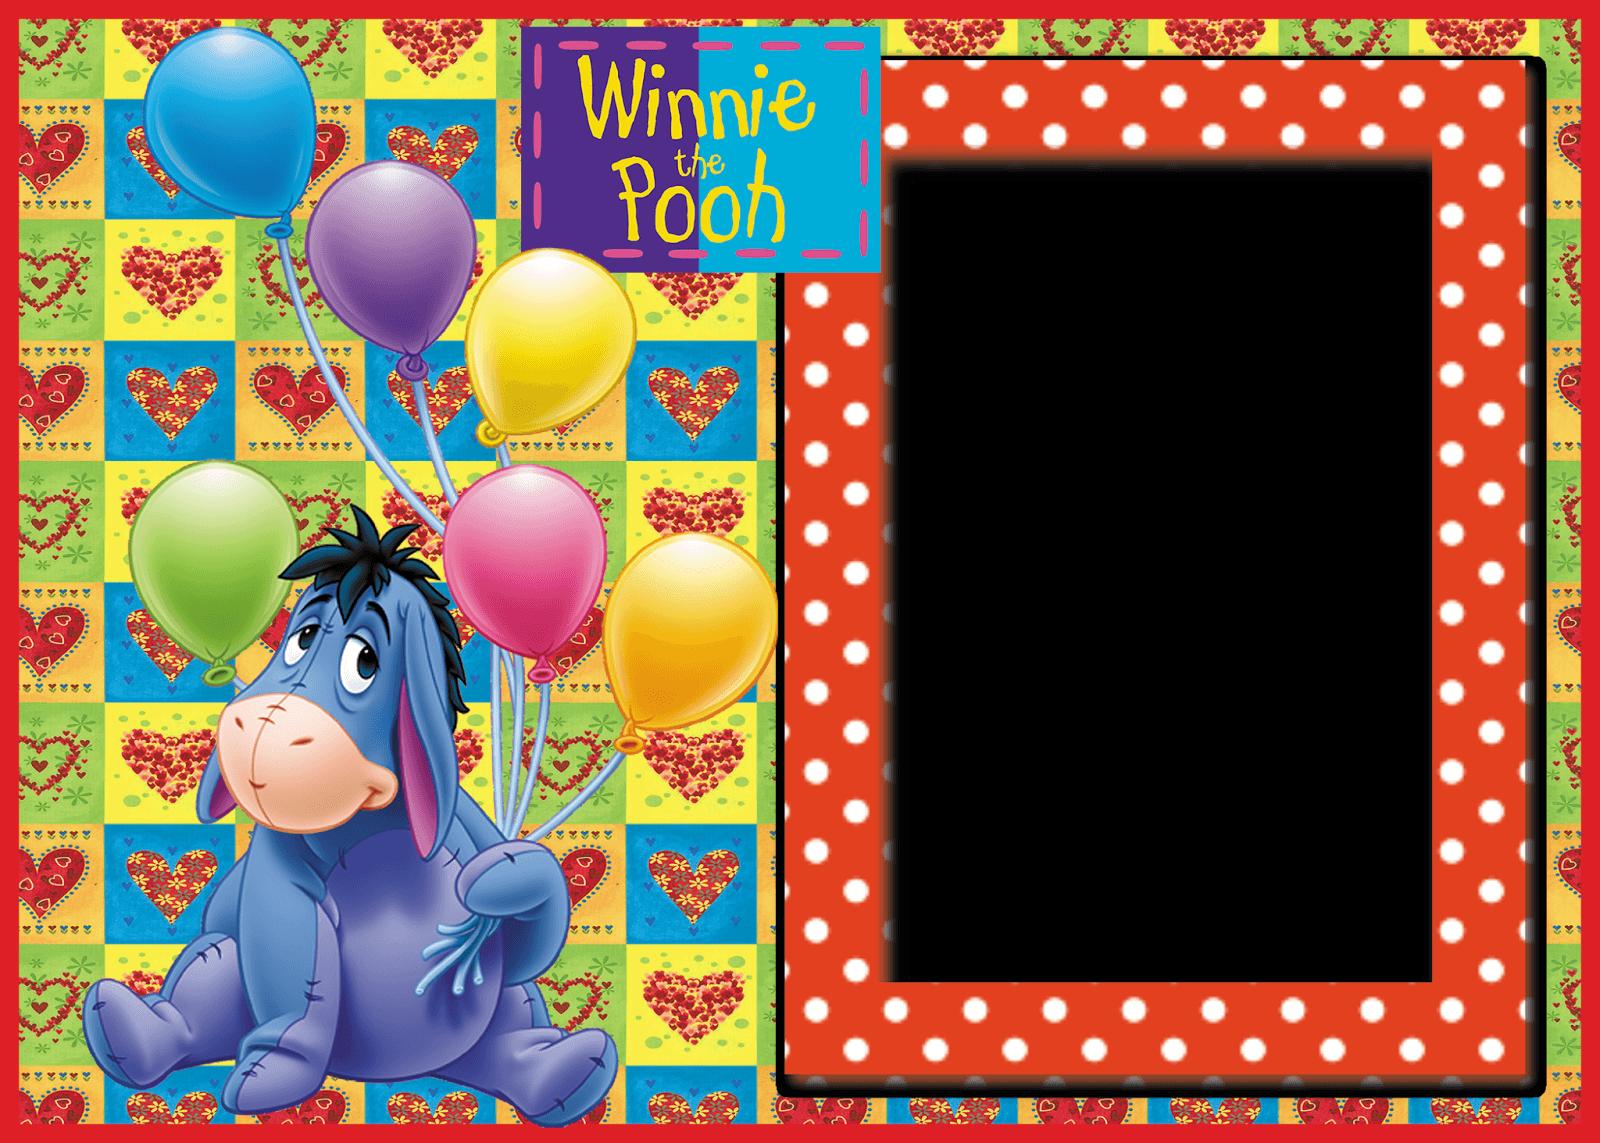 Marco de Winnie Pooh con Globos   Descargar Marcos